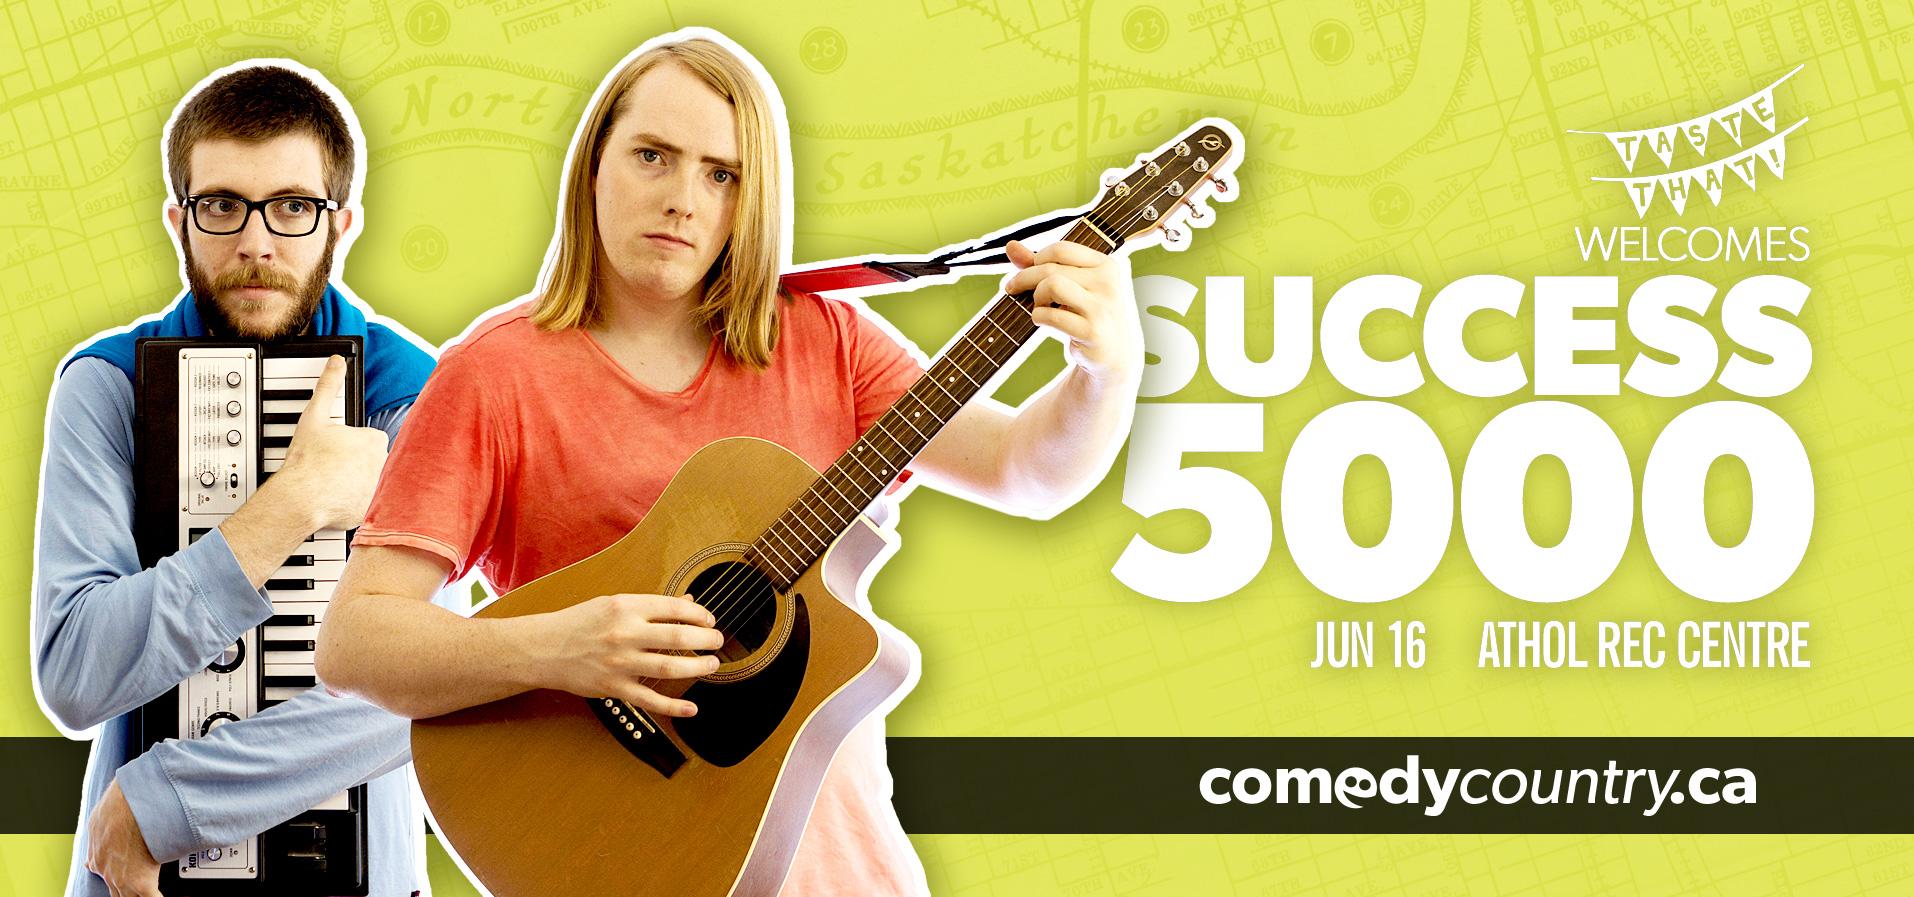 Success 5000